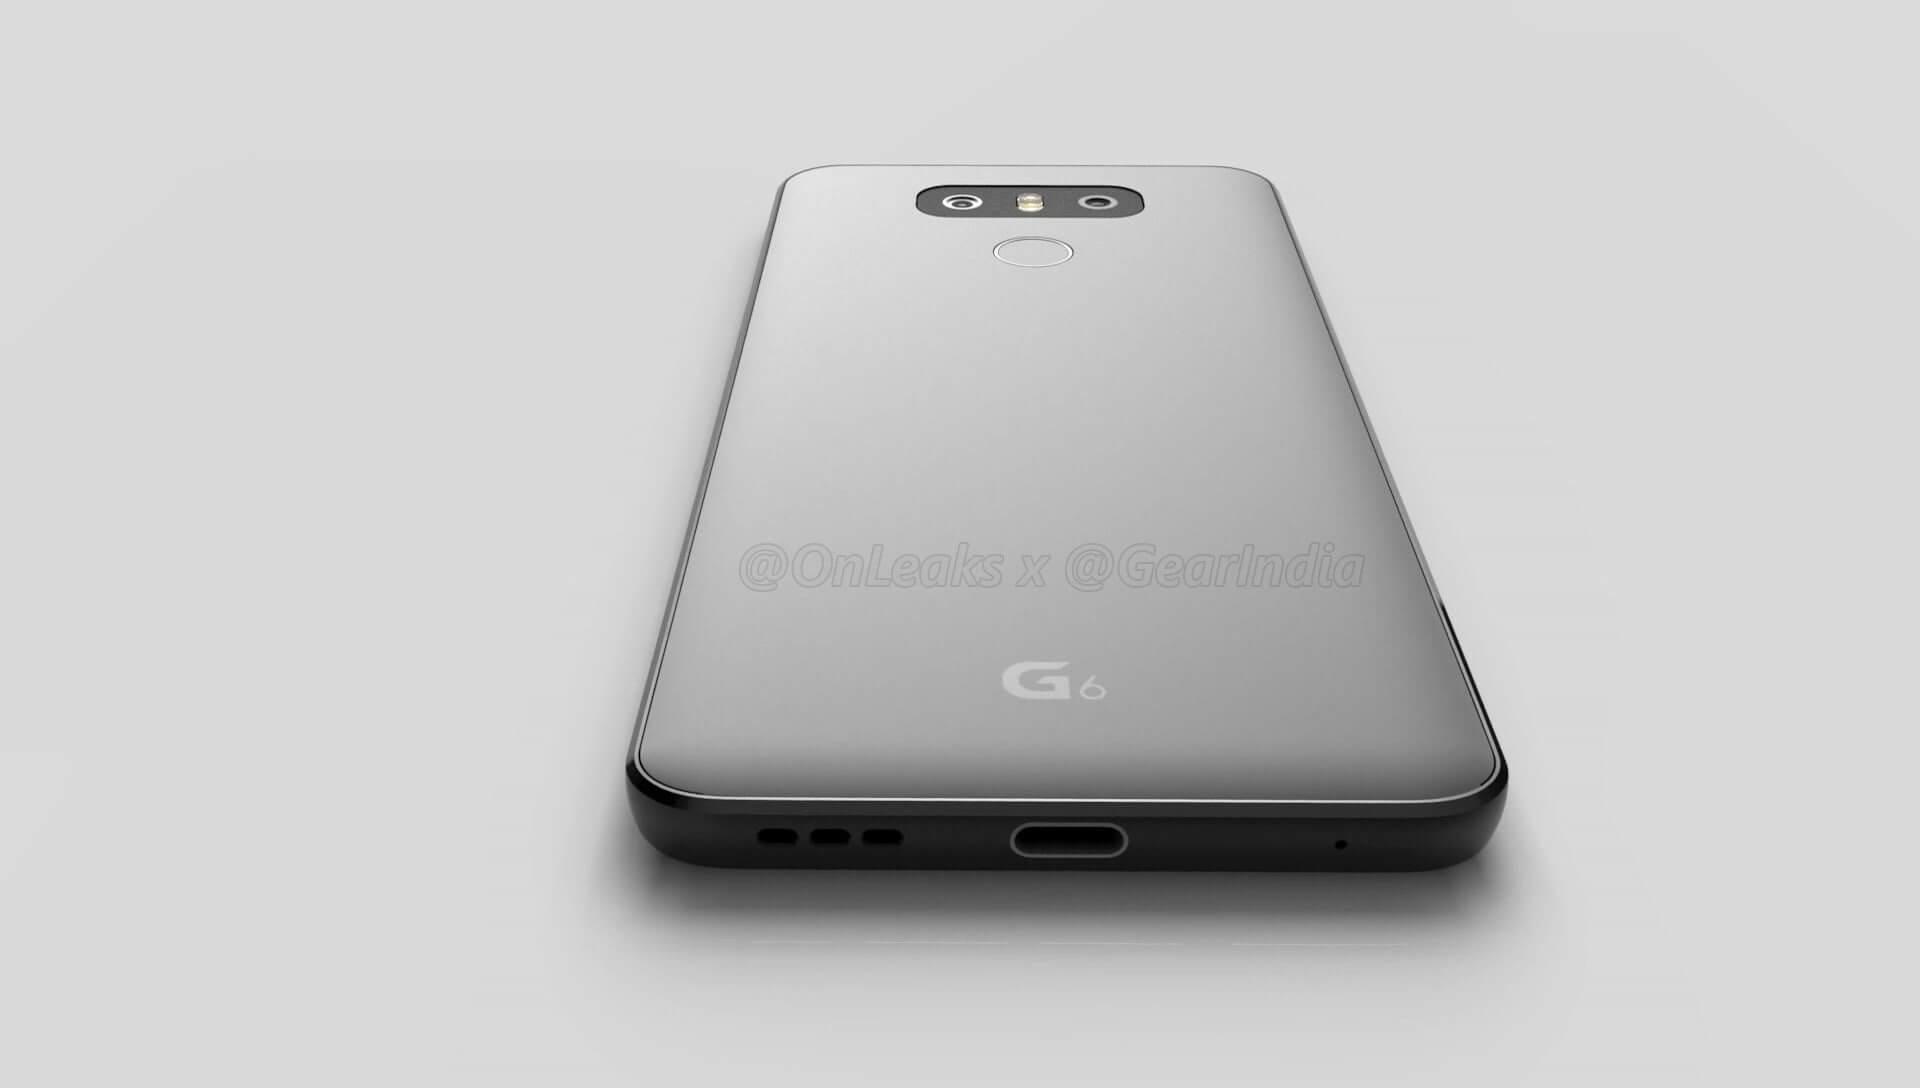 LGG6 018 - Primeiro teaser do LG G6 revela características do aparelho